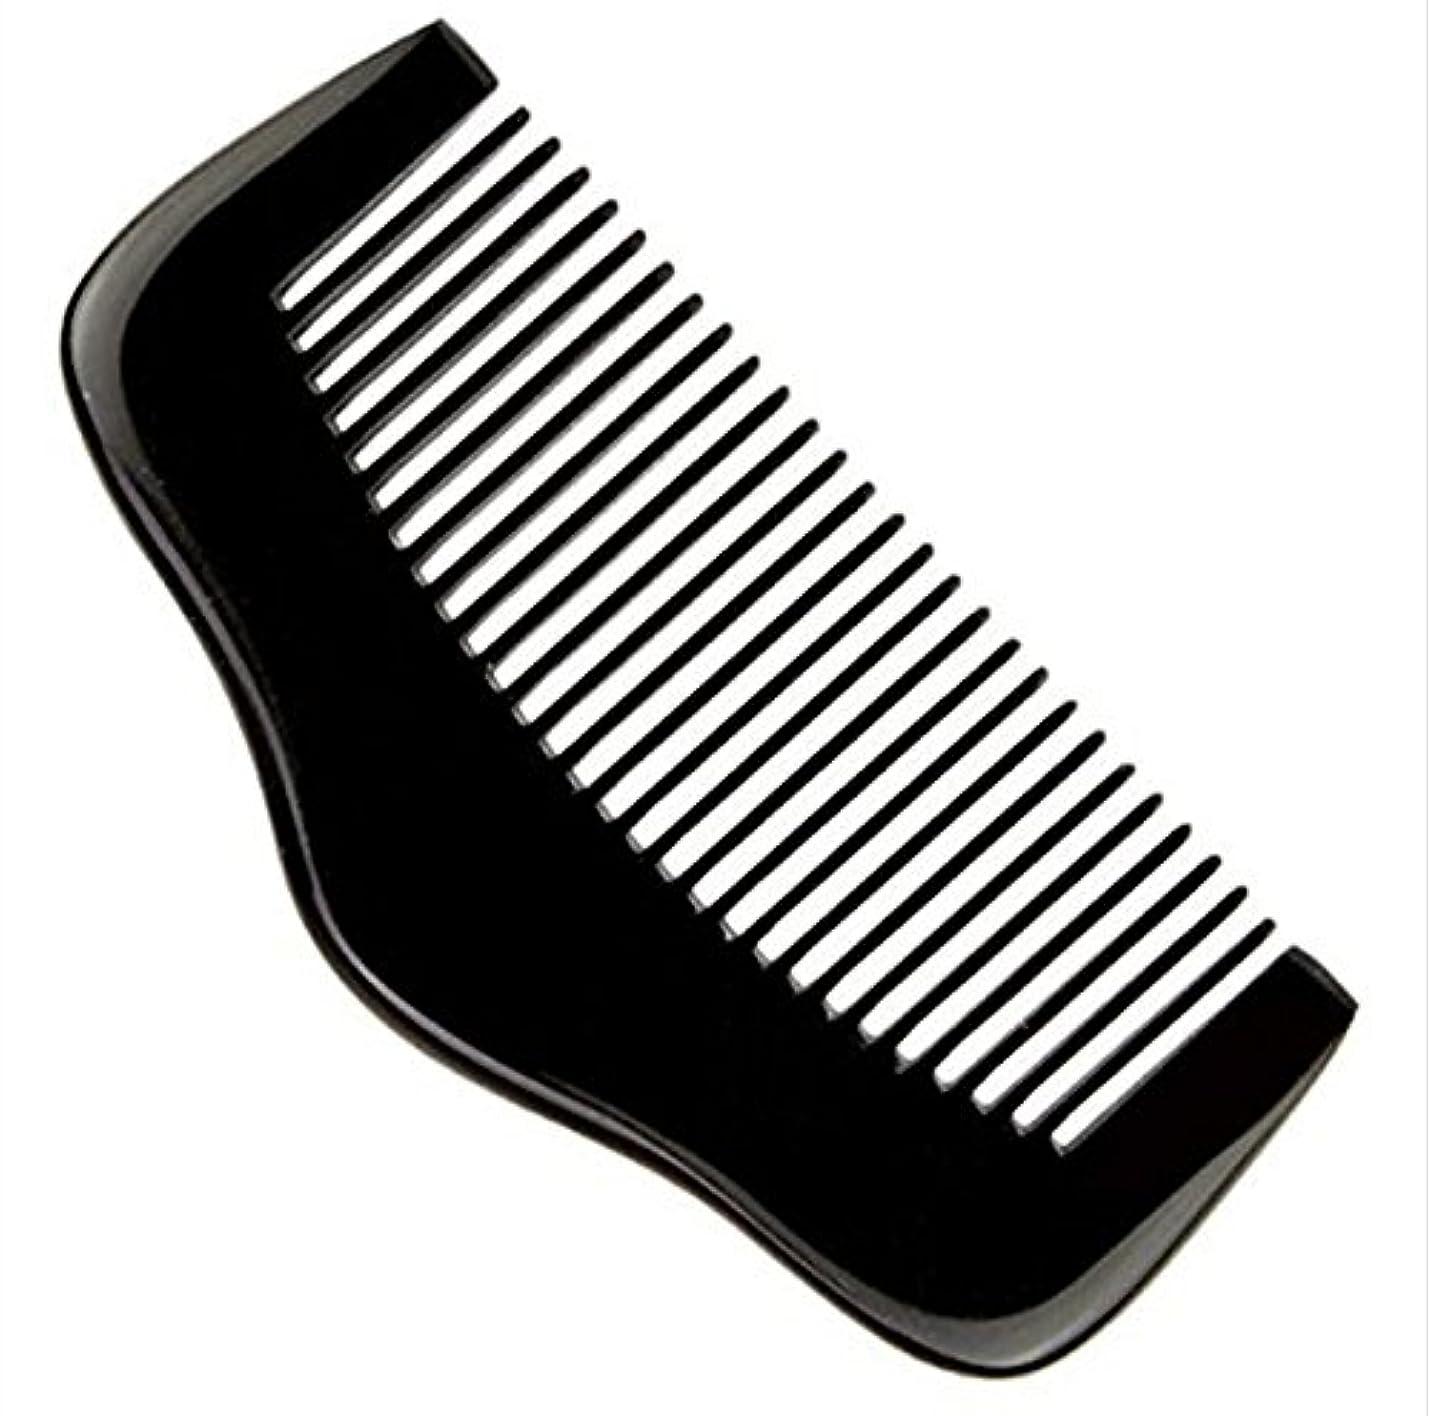 鋭く電話をかけるファイター櫛型 プロも使う牛角かっさプレート マサージ用 血行改善 高級 天然 静電気 防止 美髪美顔 ボディ リンパマッサージ